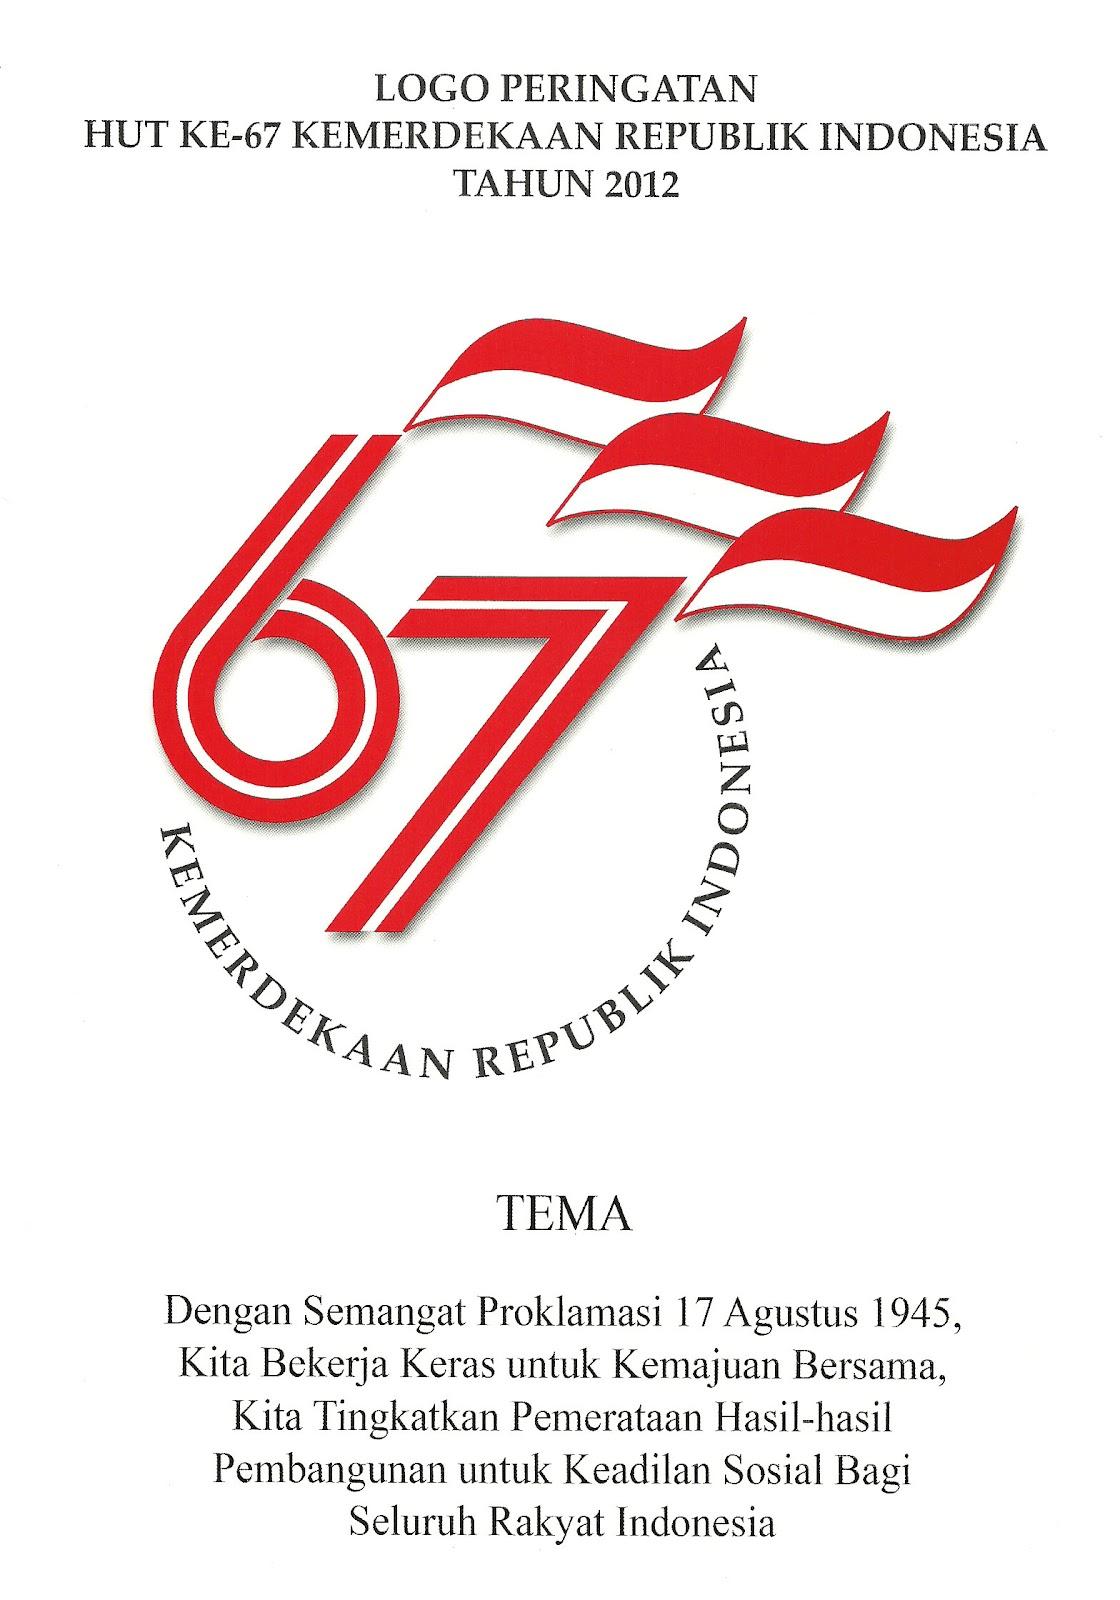 Logo Kemerdekaan HUT RI Ke 67 Tahun 2012